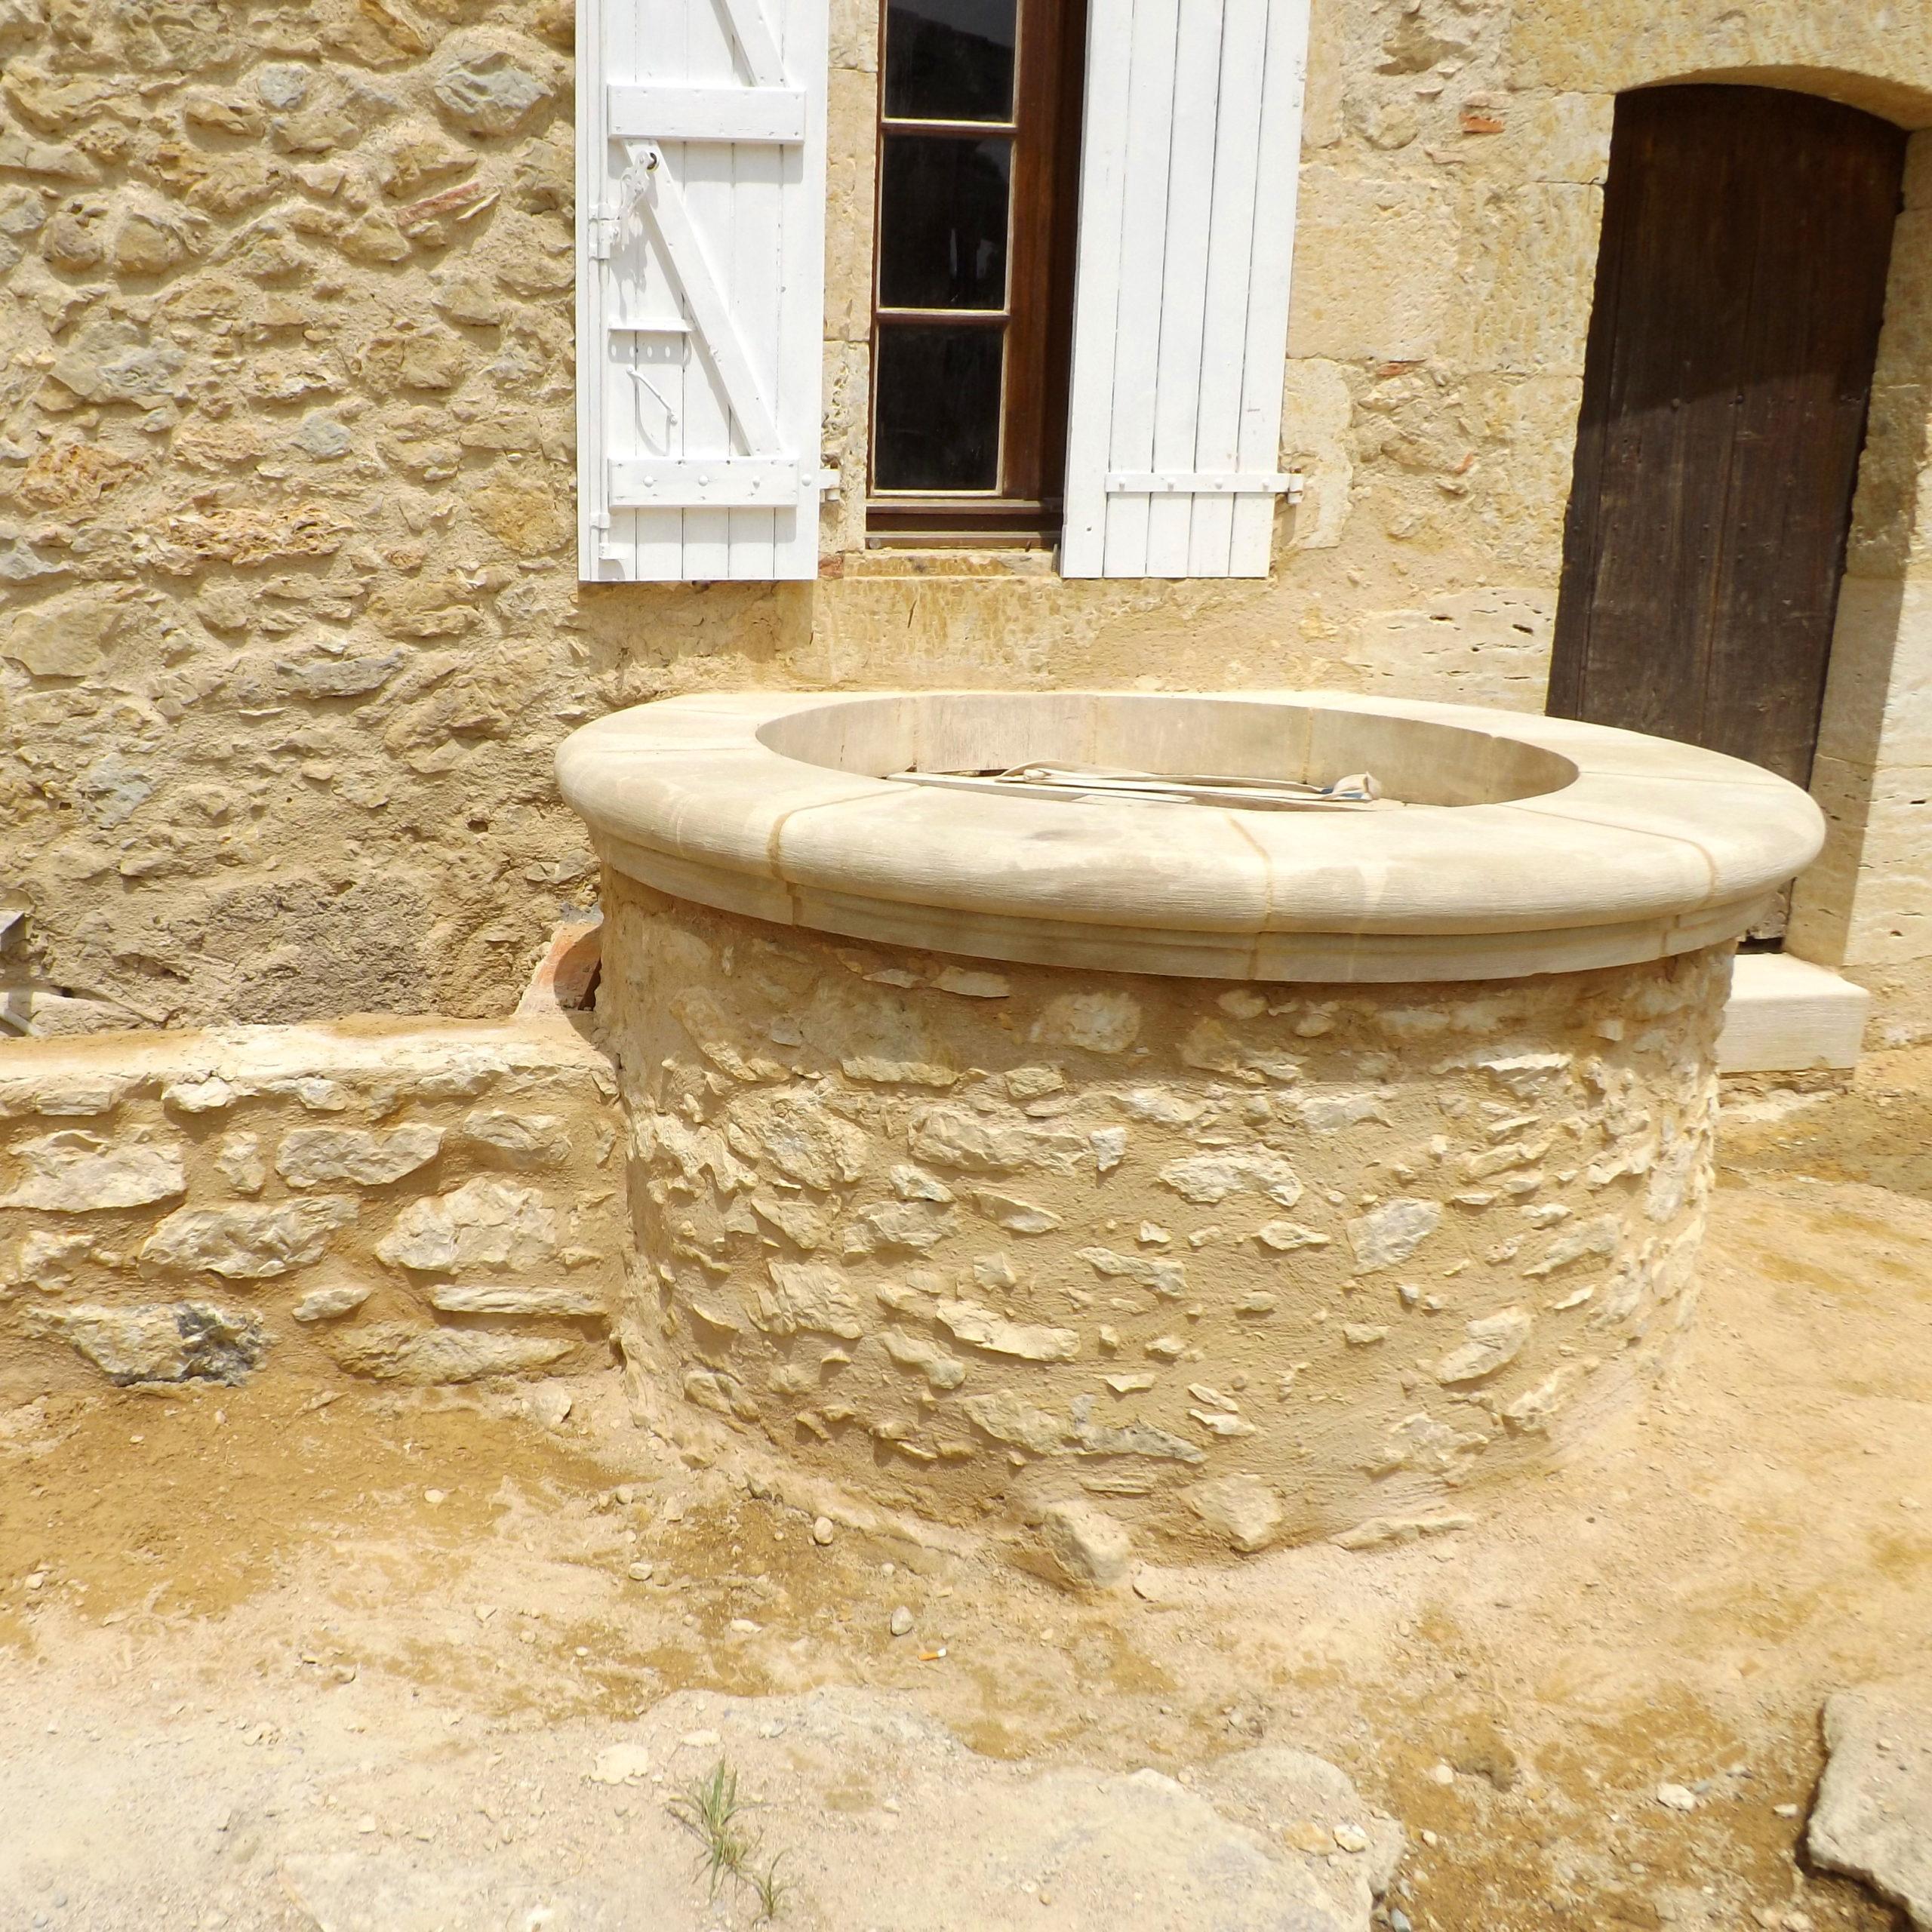 Maçonnerie pierre traditionelle gers sud ouest - restauration du bâti ancien - éco-construction - Arcilla Rossello